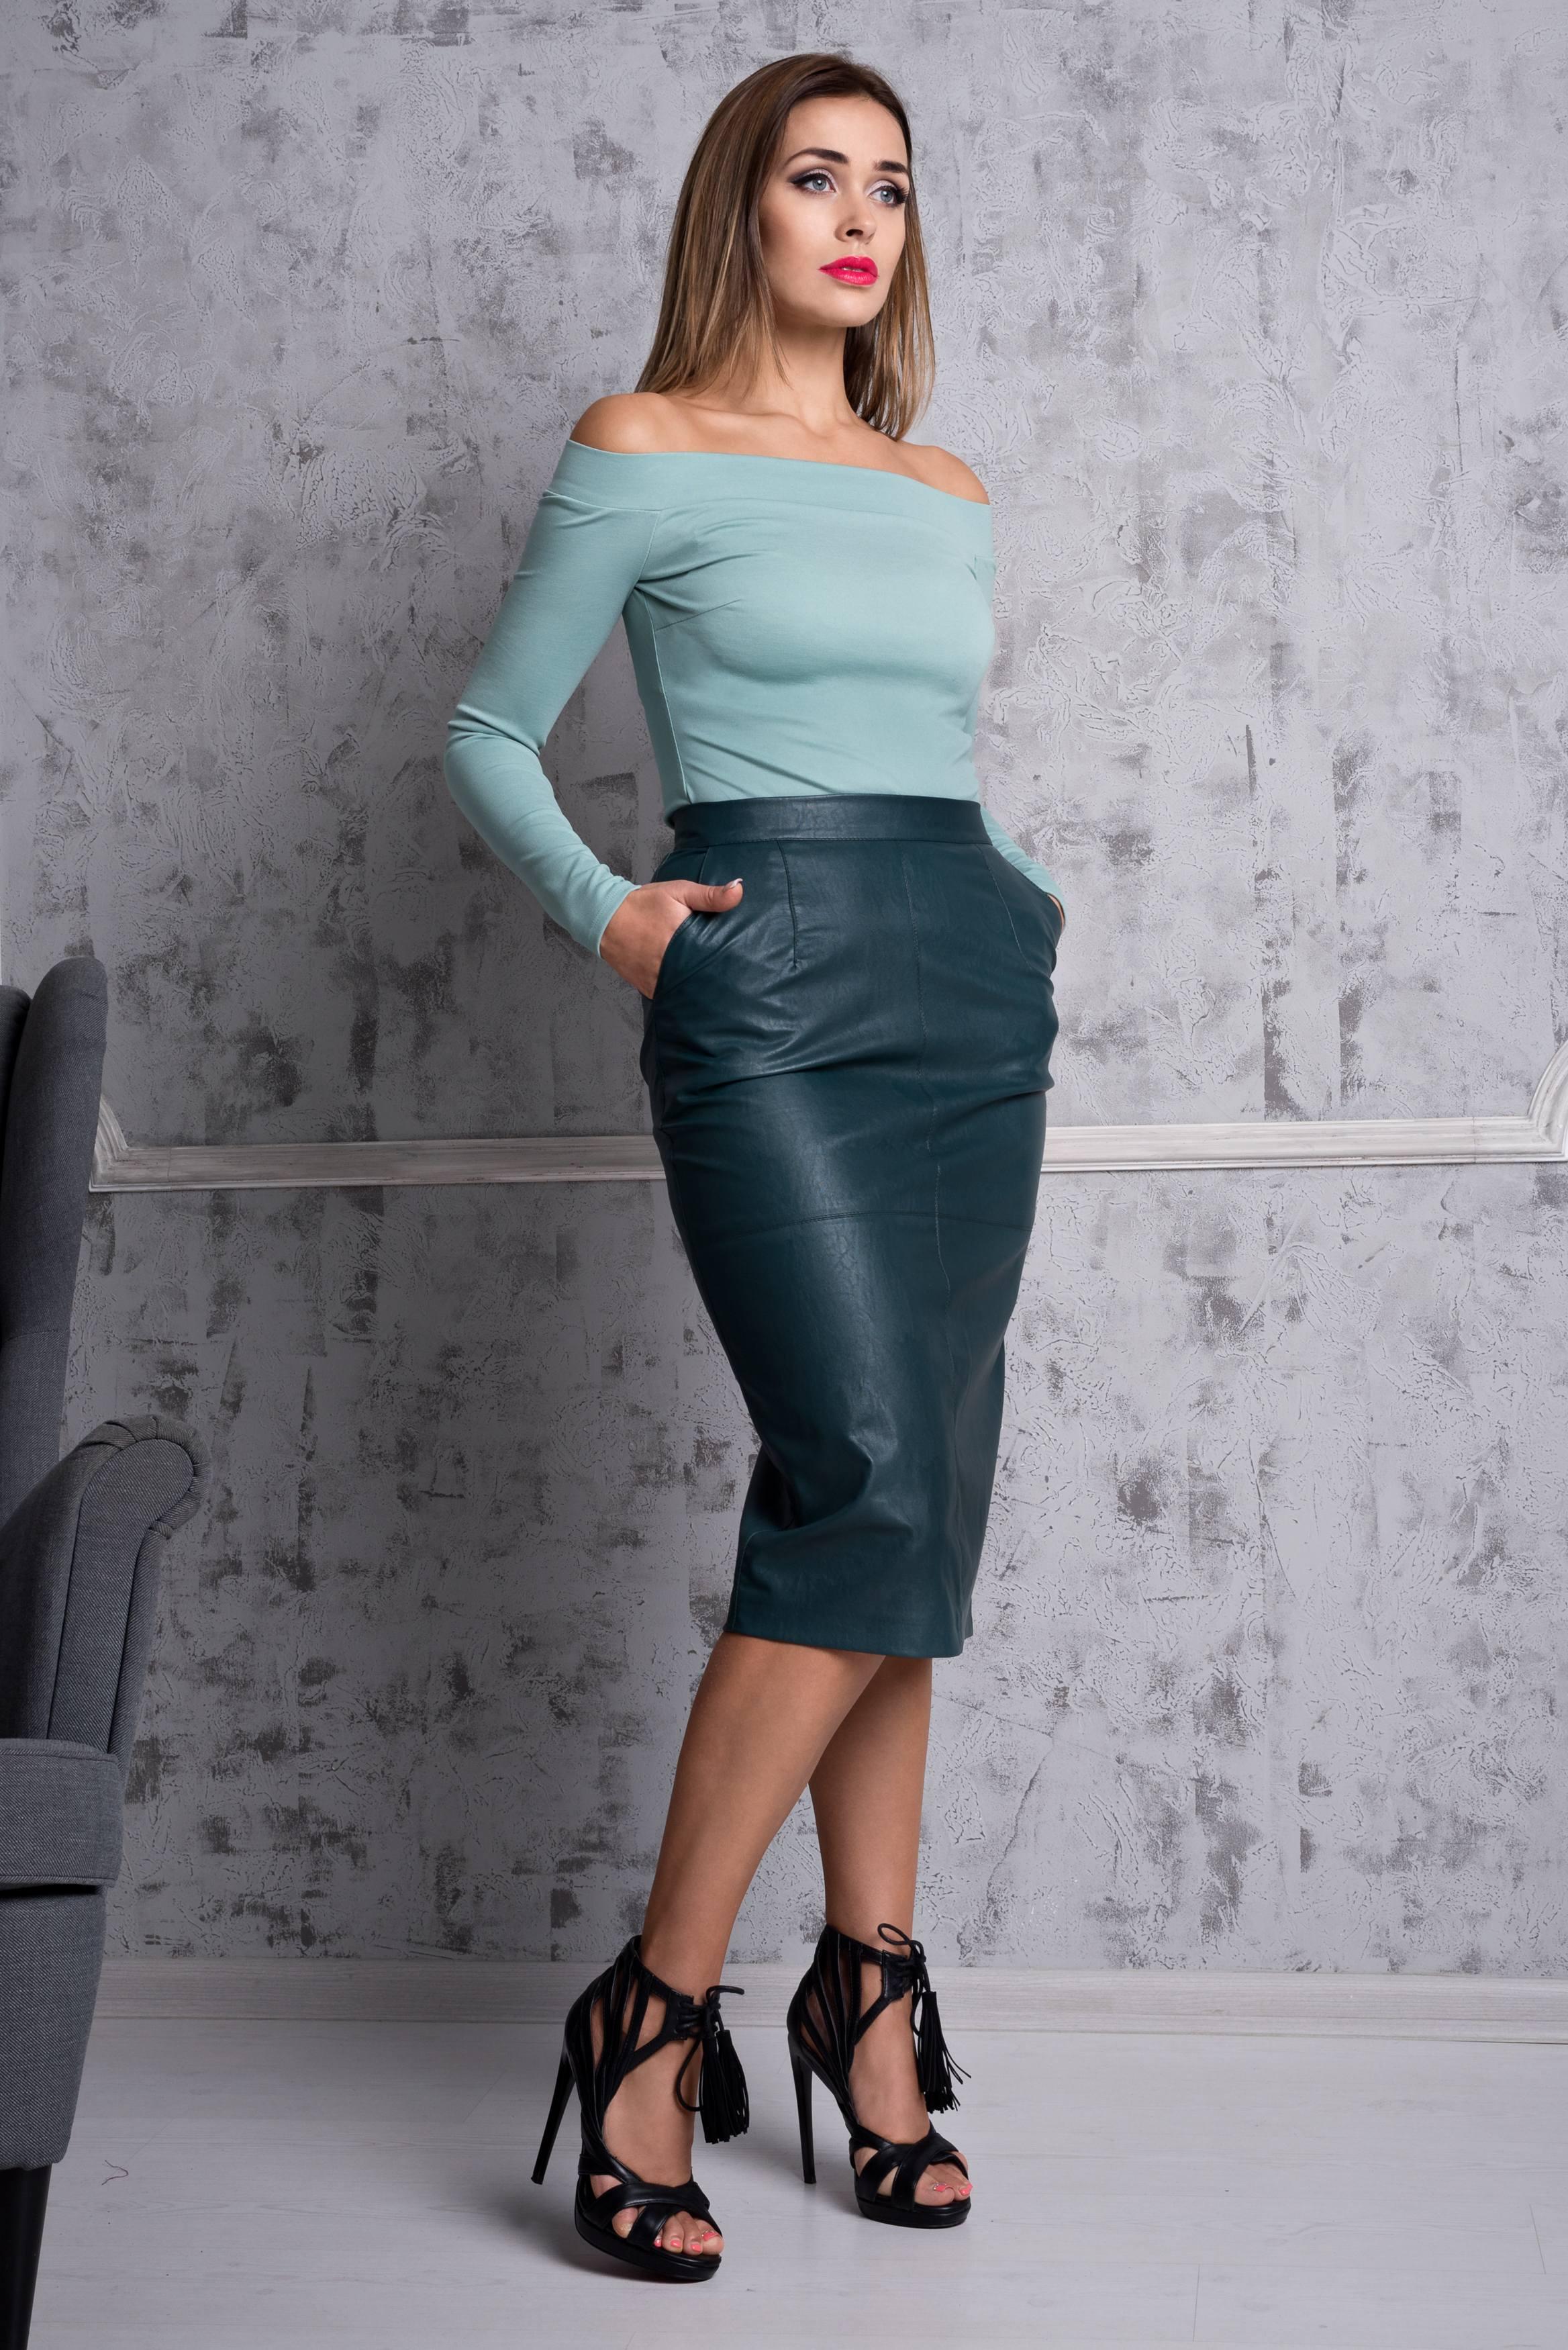 БлузкаБлузки<br>Эффектная блузка облегающего силуэта со спущенными плечами. Модель выполнена из плотного трикотажа. Отличный выбор для любого случая.  В изделии использованы цвета: ментоловый  Ростовка изделия 170 см.<br><br>Горловина: Лодочка<br>По материалу: Трикотаж<br>По рисунку: Однотонные<br>По сезону: Весна,Зима,Лето,Осень,Всесезон<br>По силуэту: Приталенные<br>По стилю: Повседневный стиль<br>По элементам: С открытыми плечами<br>Рукав: Длинный рукав<br>Размер : 40,42,44,46,48-50<br>Материал: Джерси<br>Количество в наличии: 5